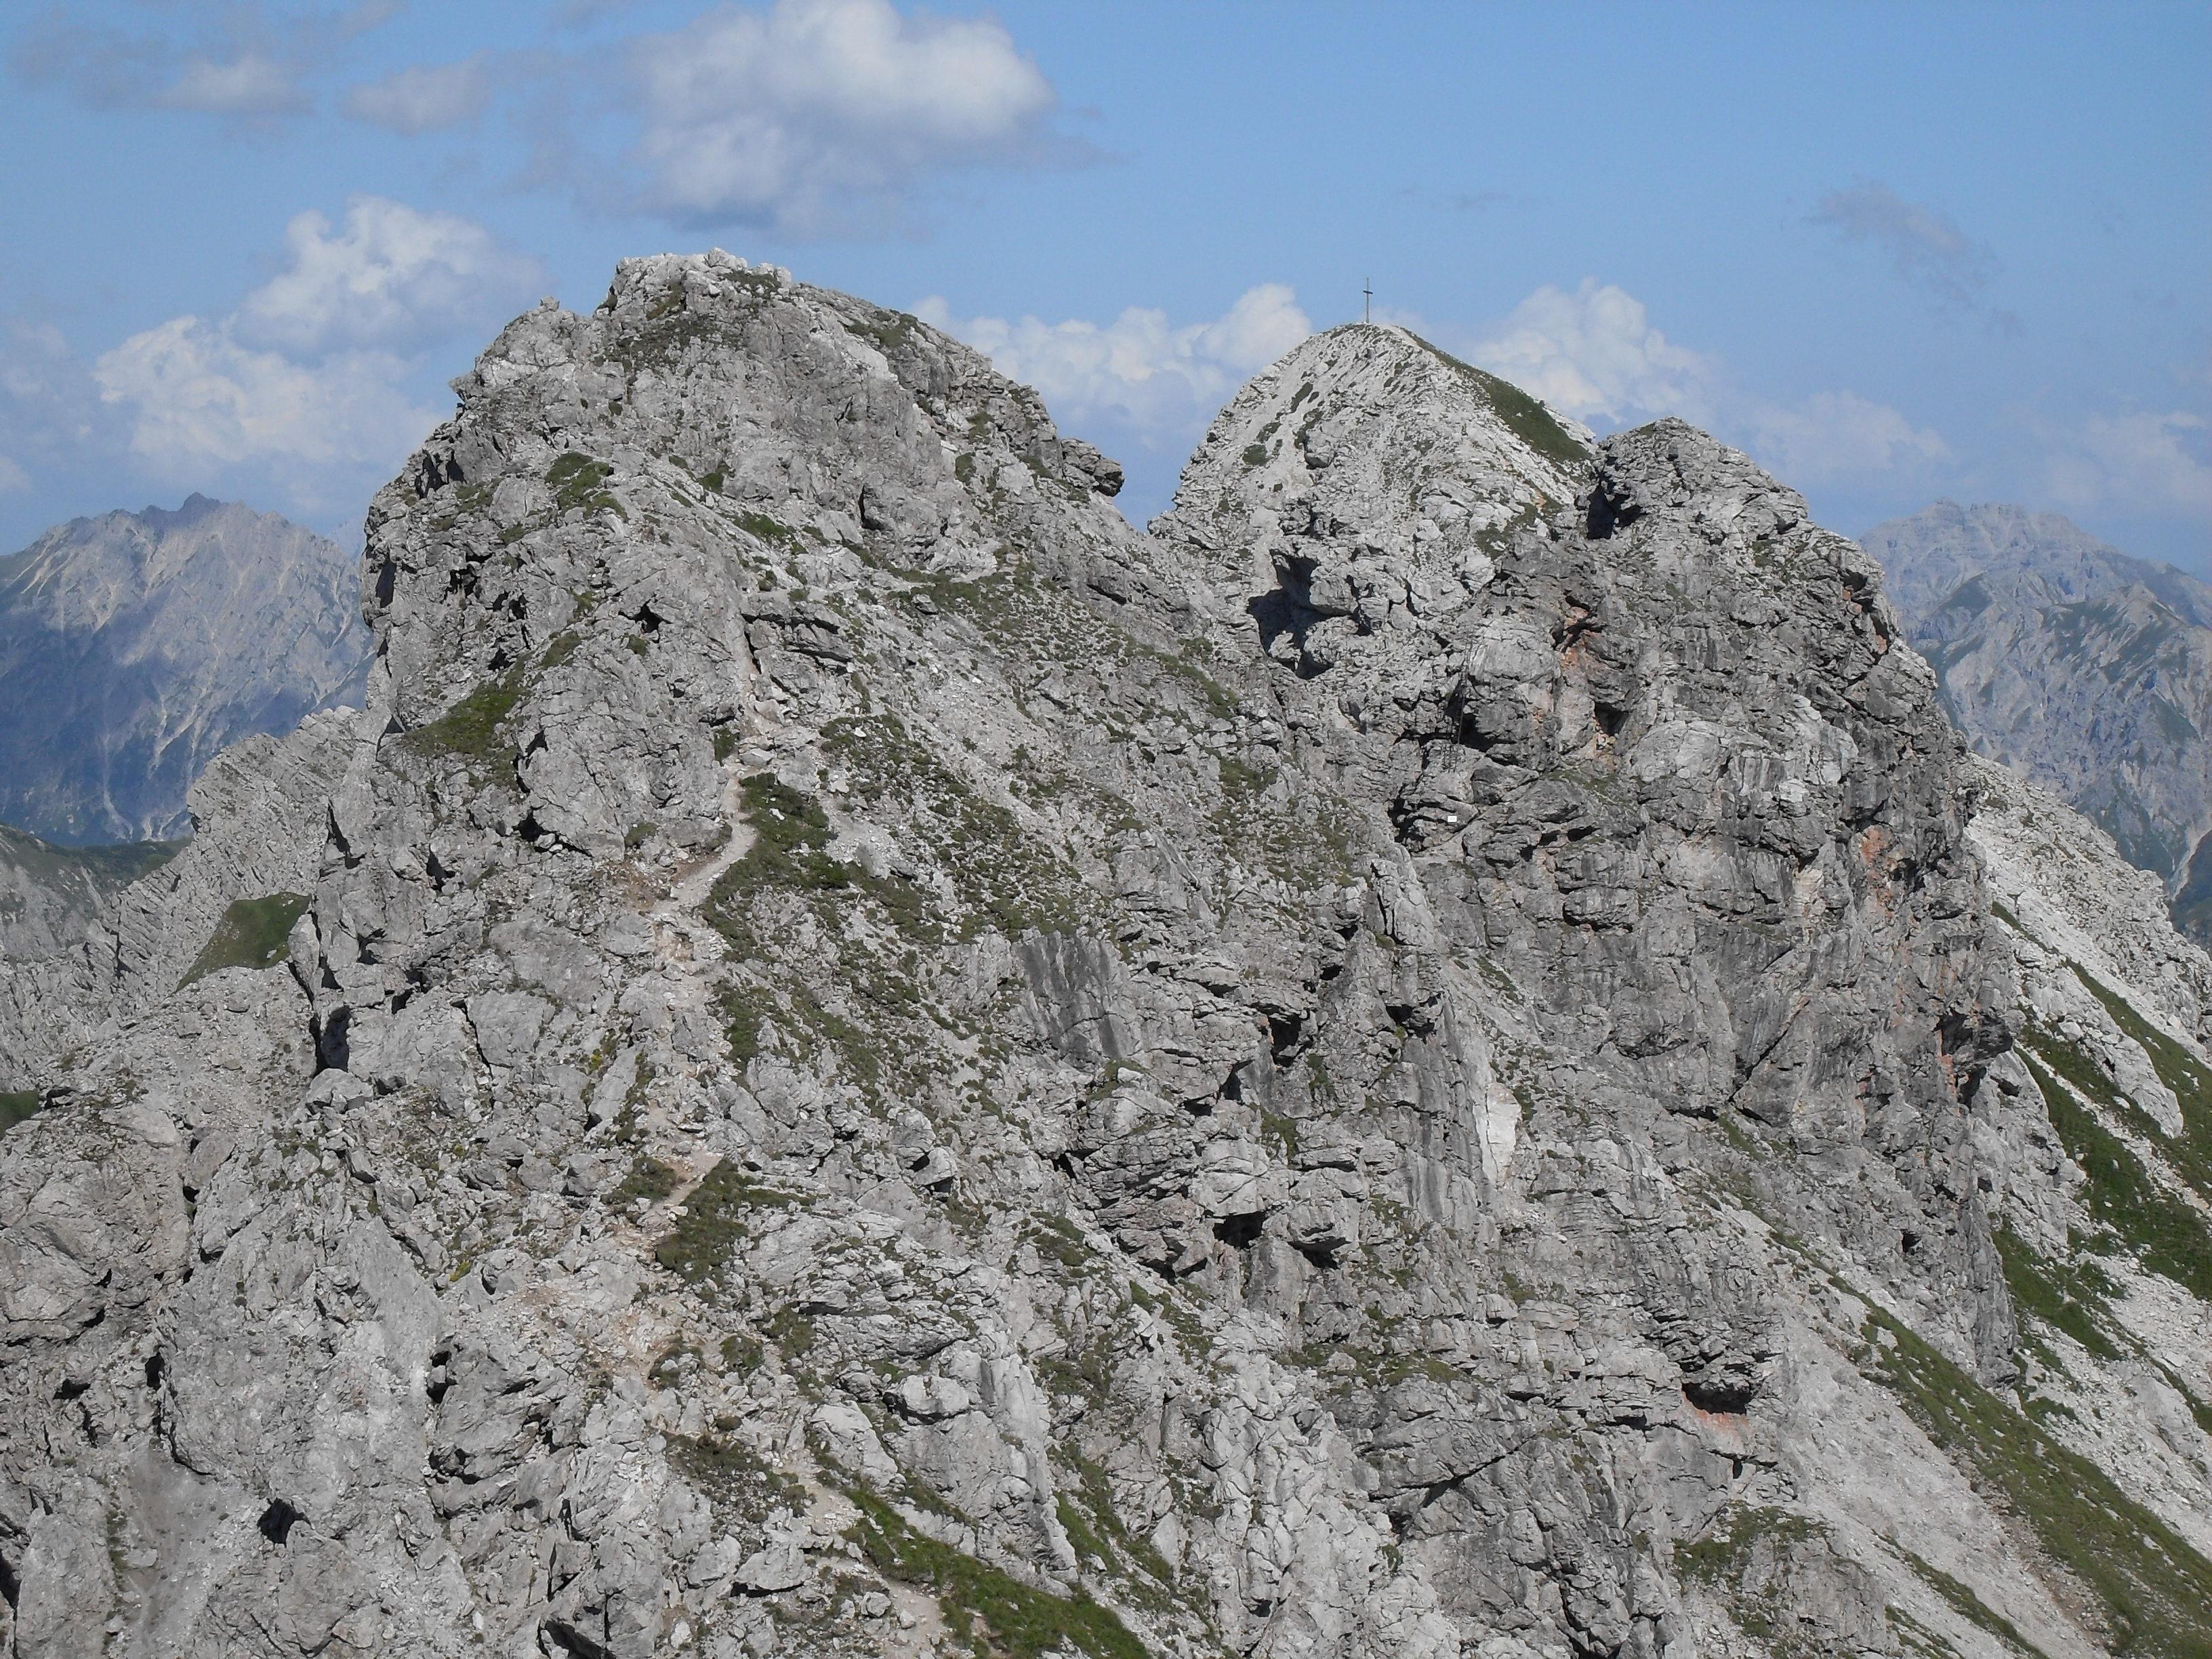 Hindelanger Klettersteig Wengenkopf : File:hindelanger klettersteig from nebelhorn.jpg wikimedia commons